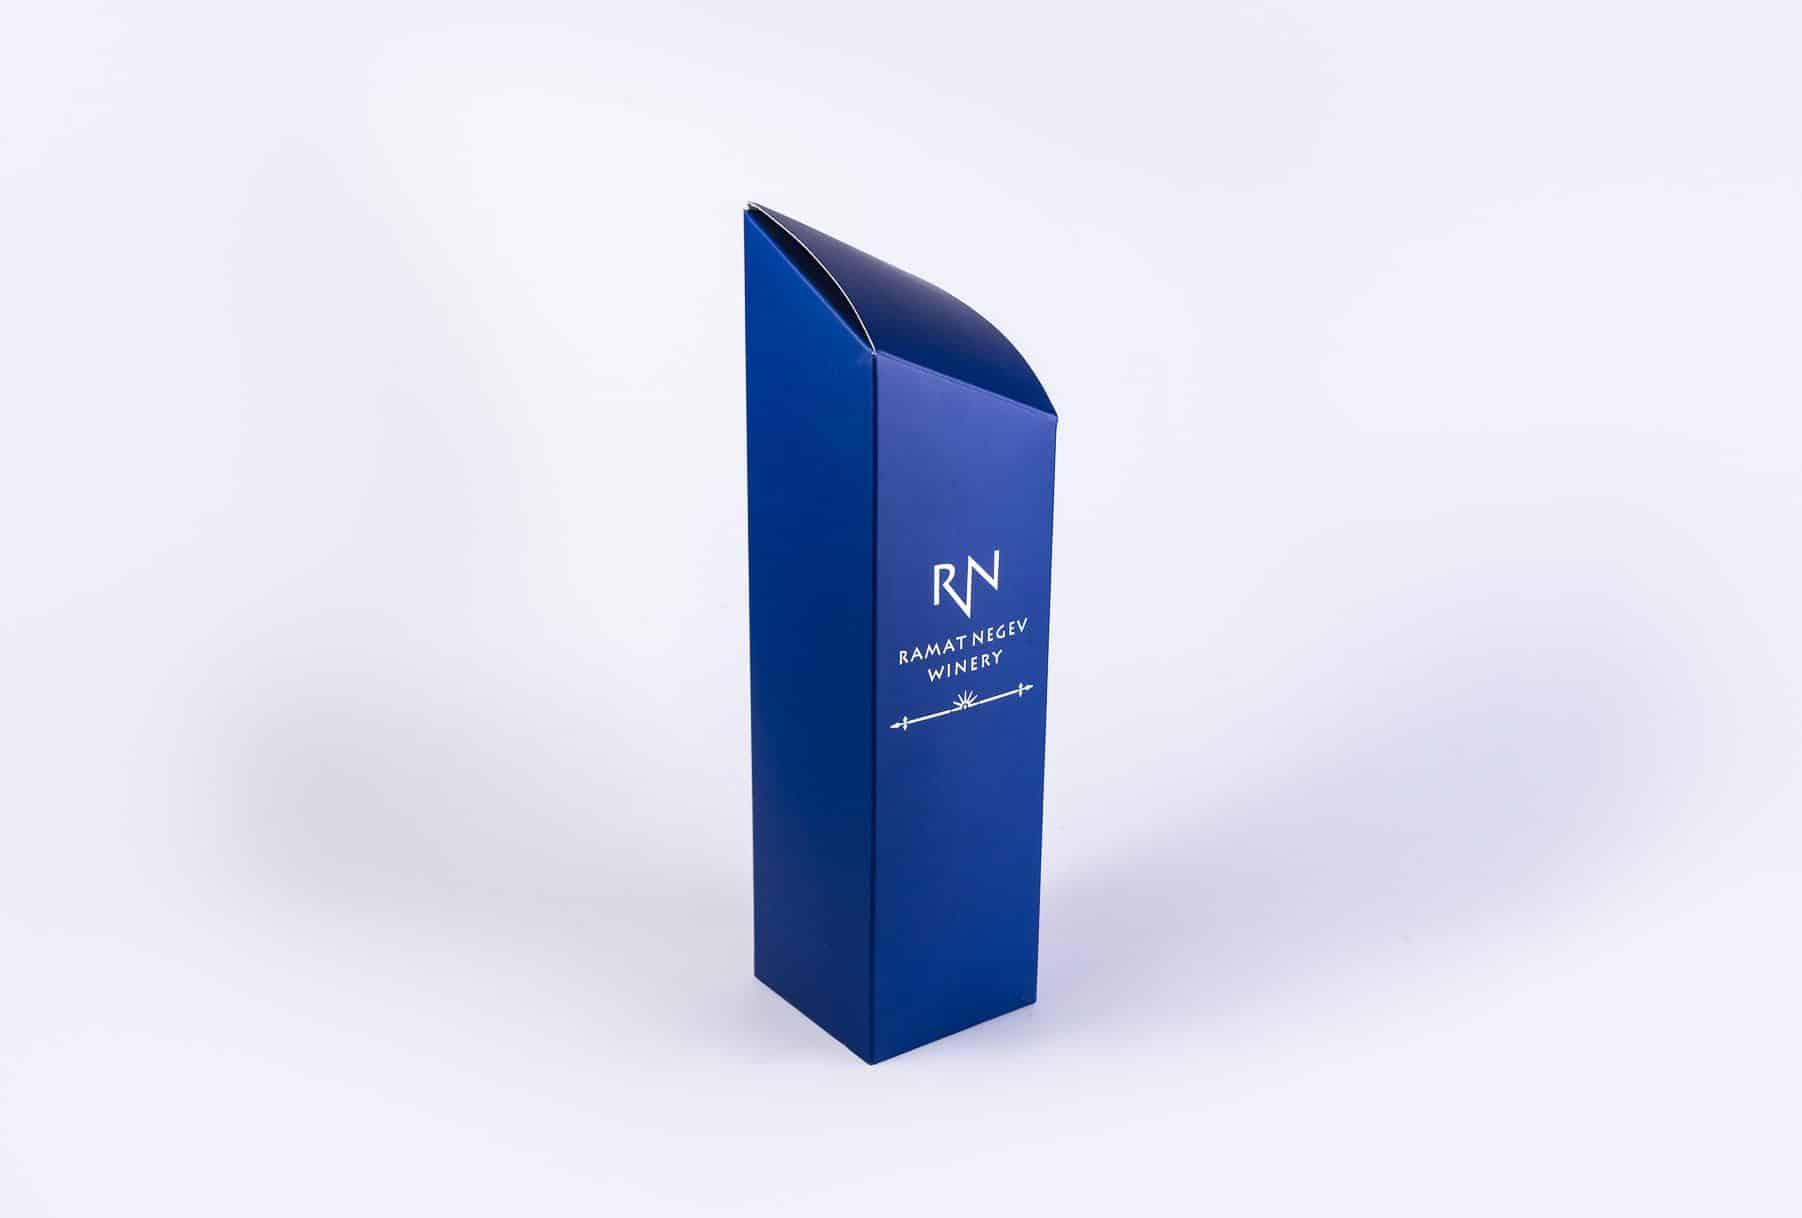 מארז יין של יקב נגב בעיצוב מרהיב בצבע כחול